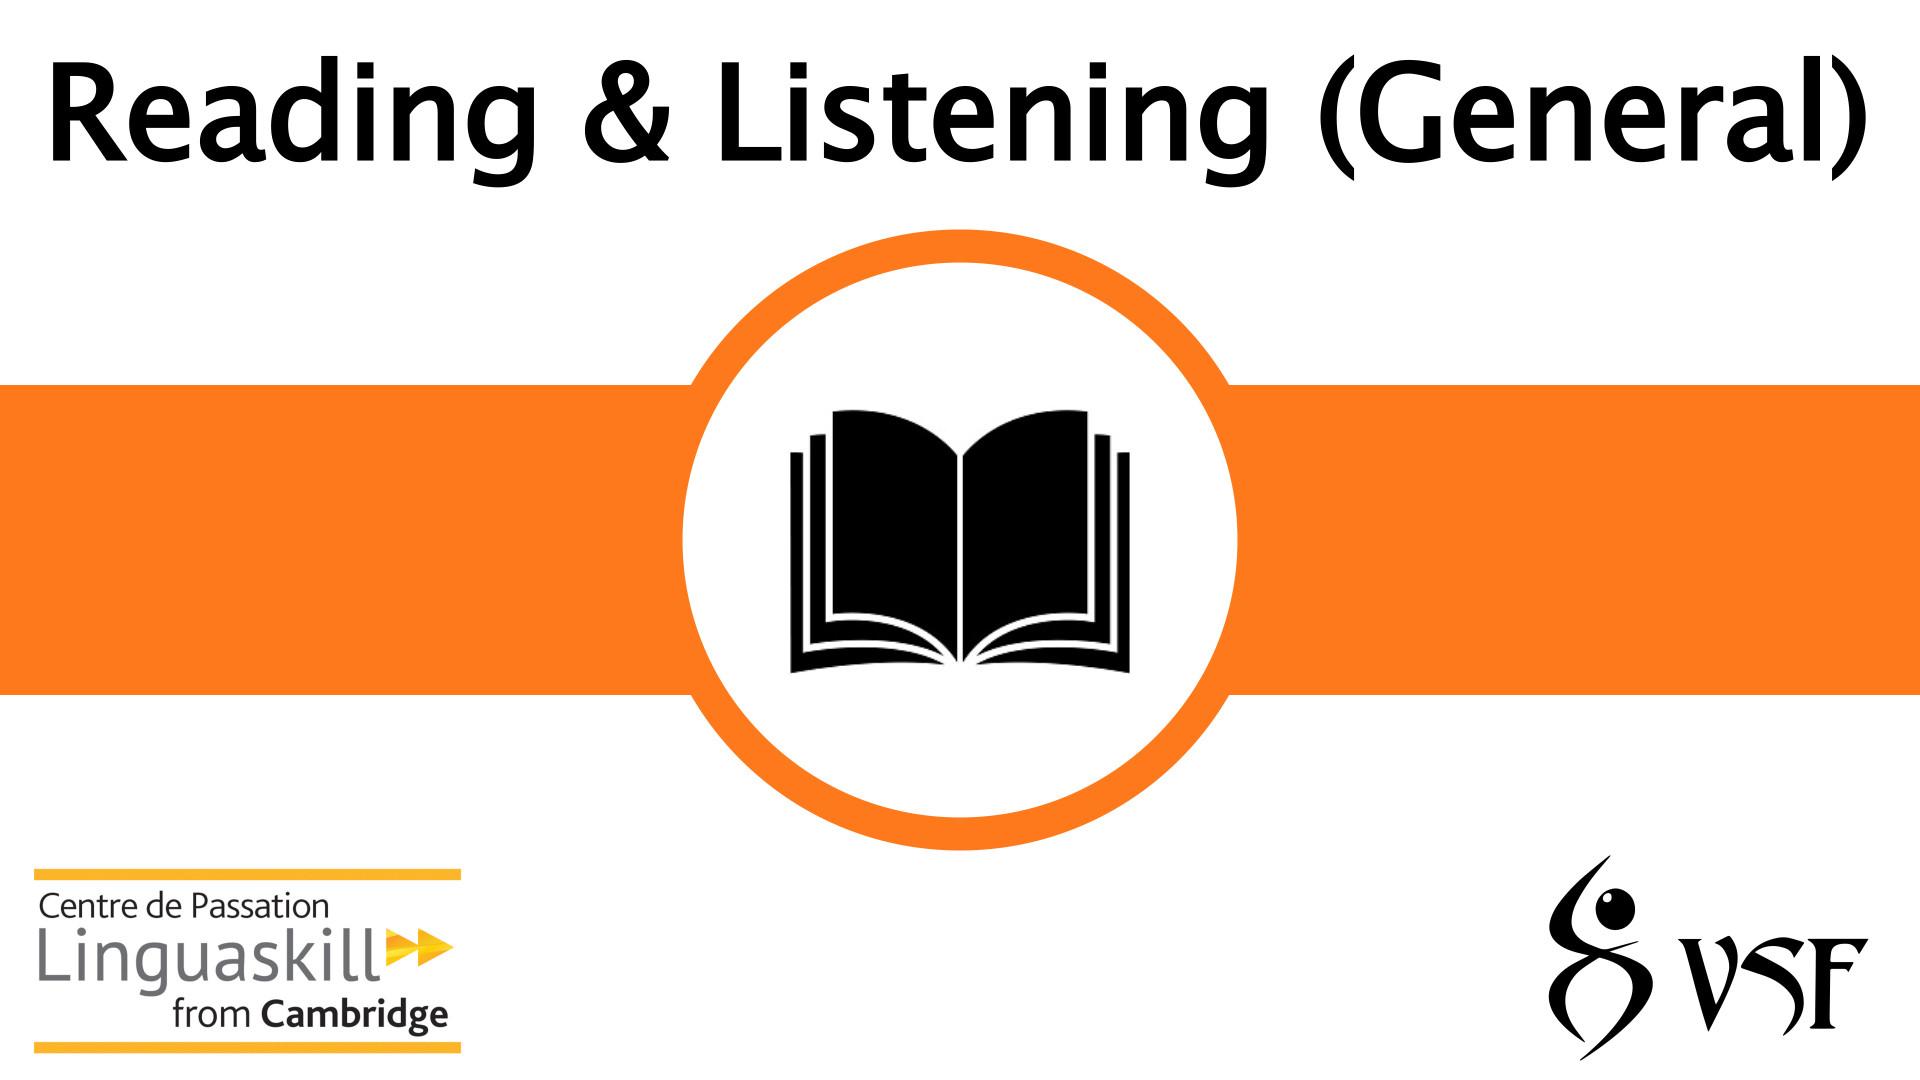 V1- Reading & Listening (General)